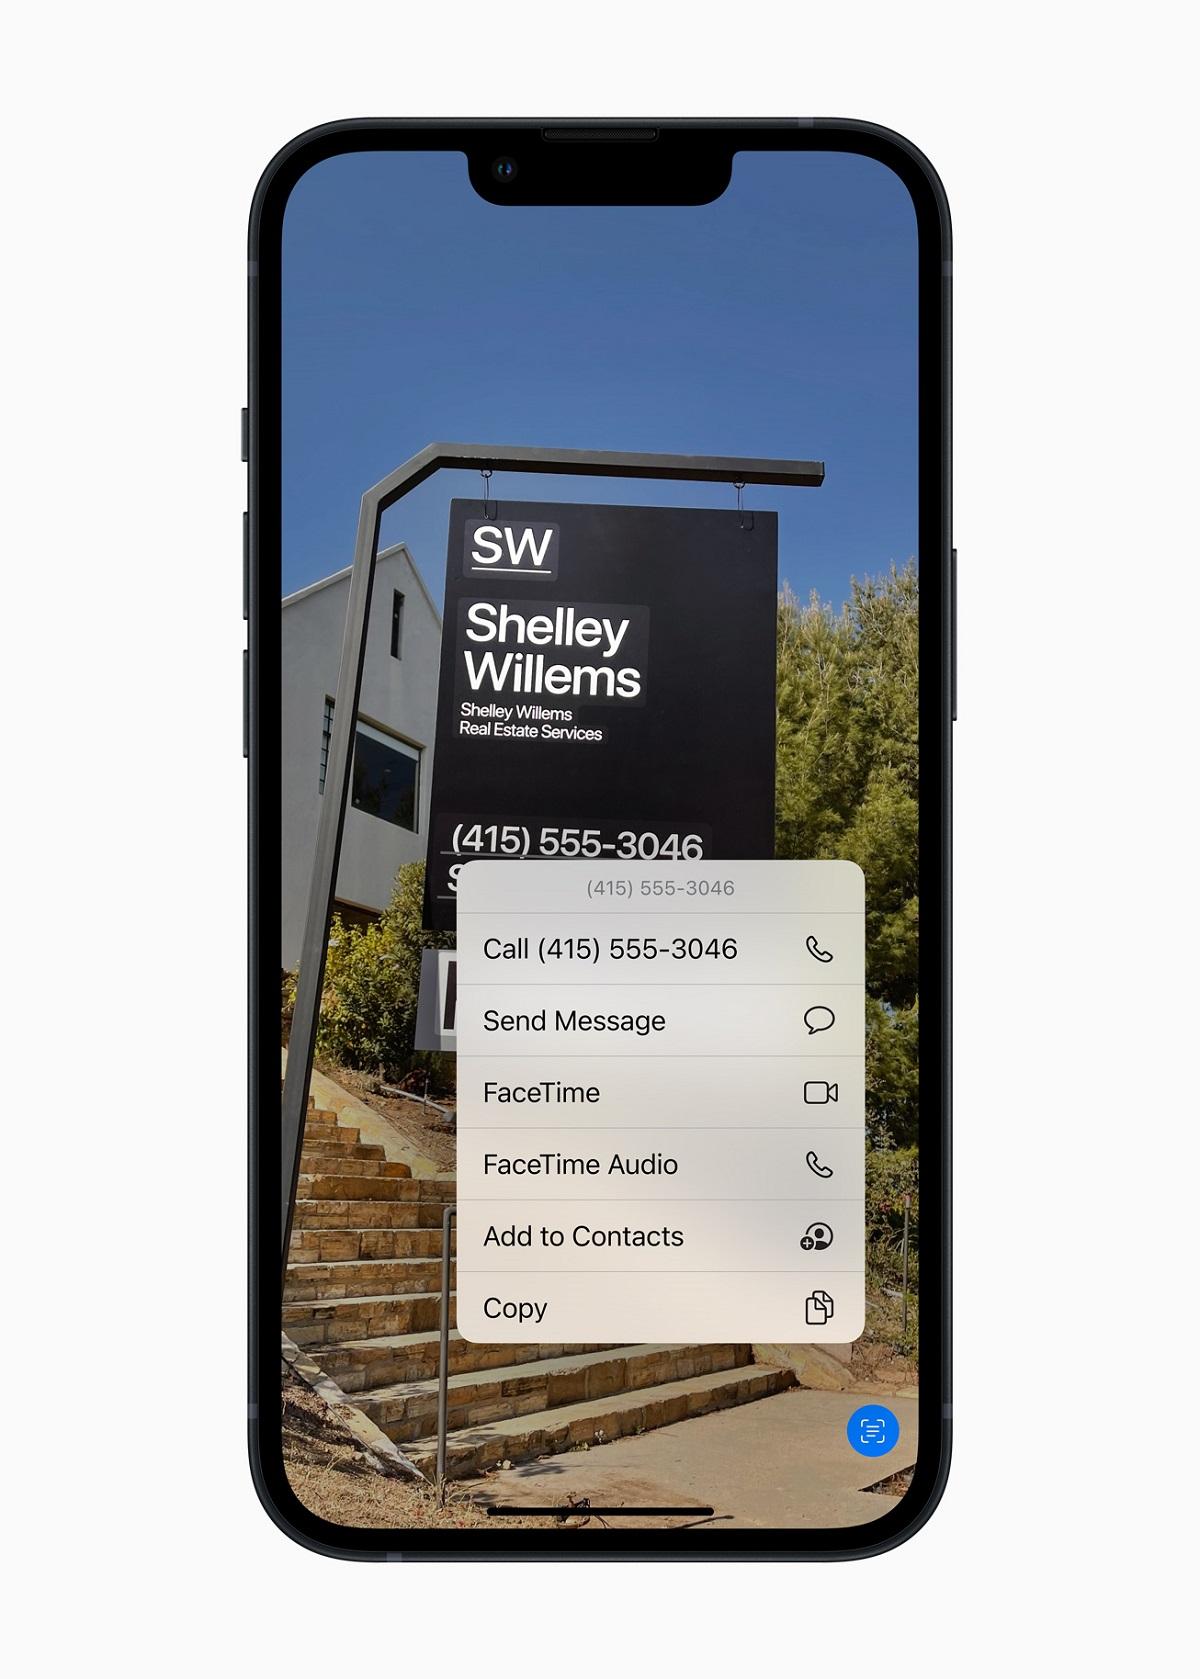 Live Text в iOS 15 использует интеллект устройства для распознавания текста на фотографии и позволяет пользователям действовать.